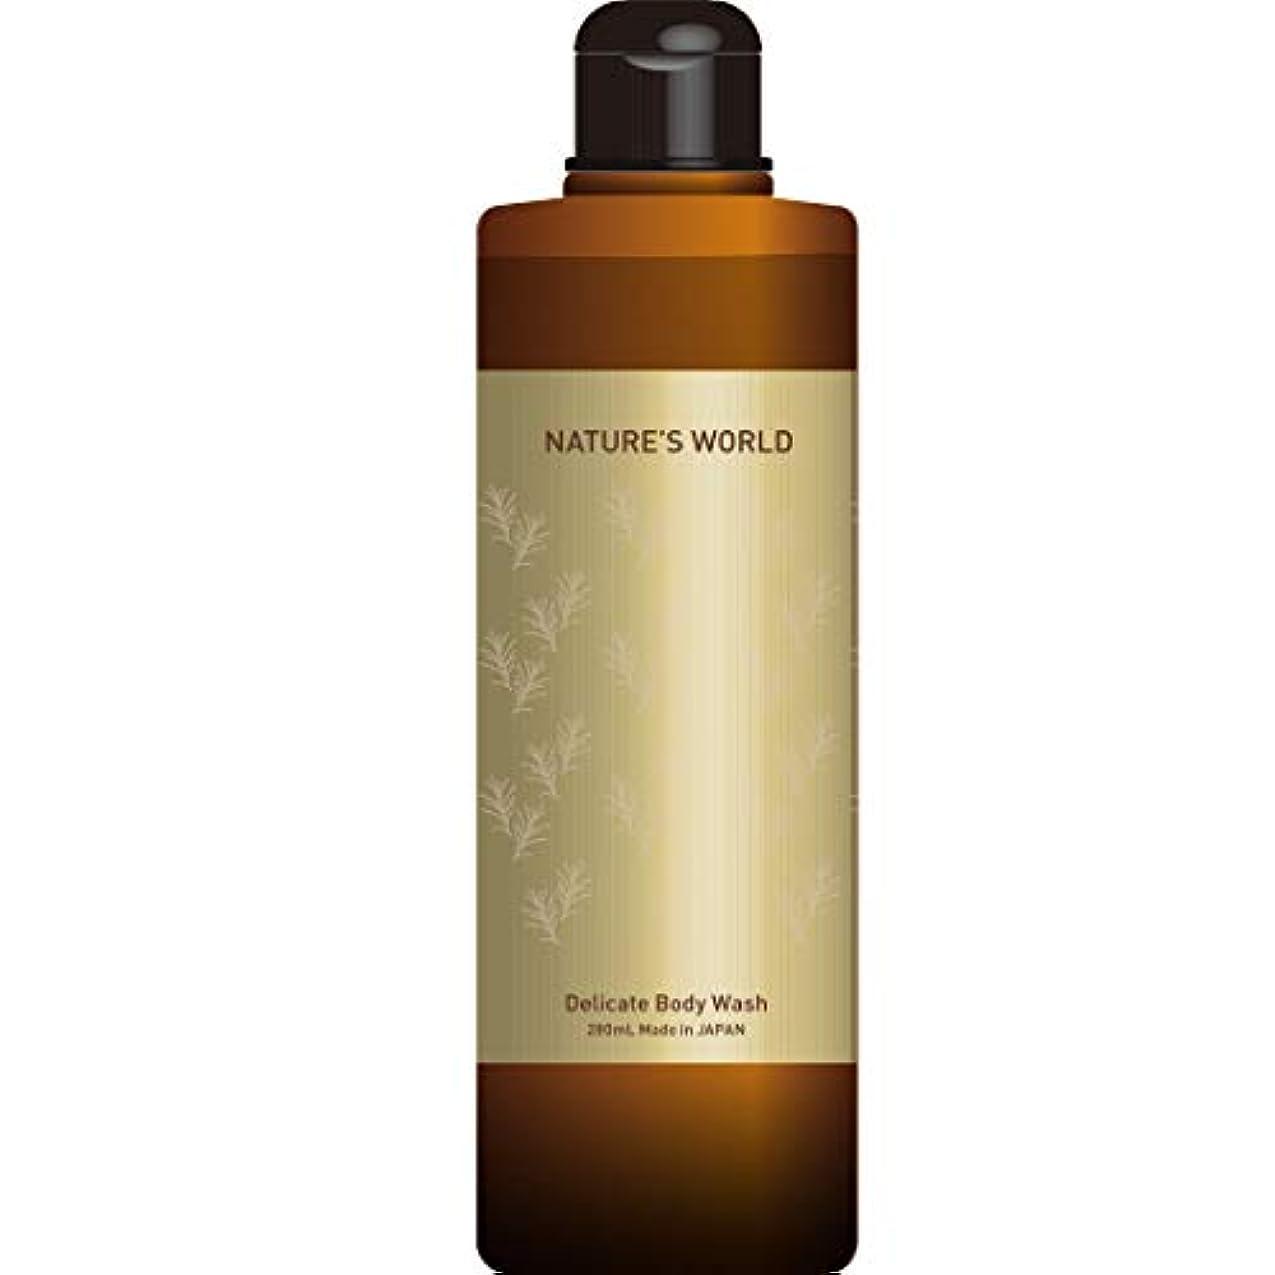 料理掃除アライメントNATURE'S WORLD(ネイチャーズワールド) Nature's World デリケートボディソープ シトラスフローラルの香り 280ml